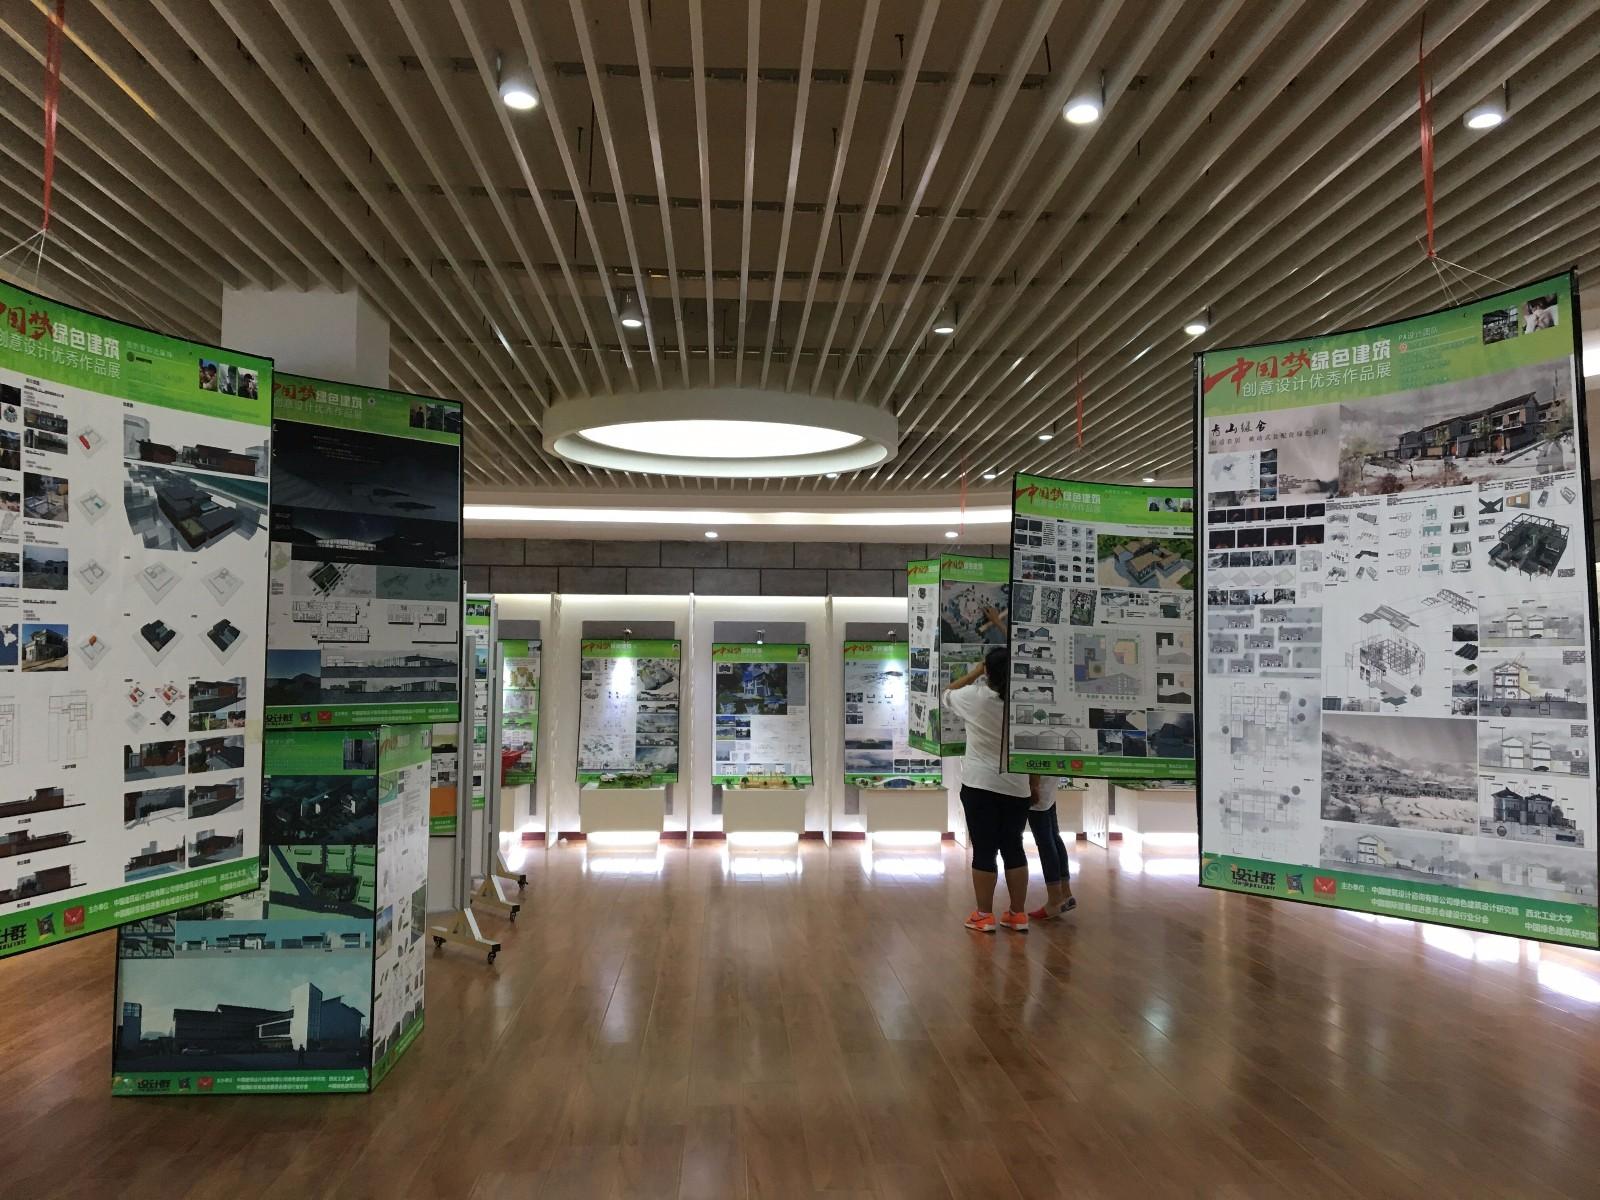 中国梦竞赛巡展第三站:郑州工业应用技术学院(上)